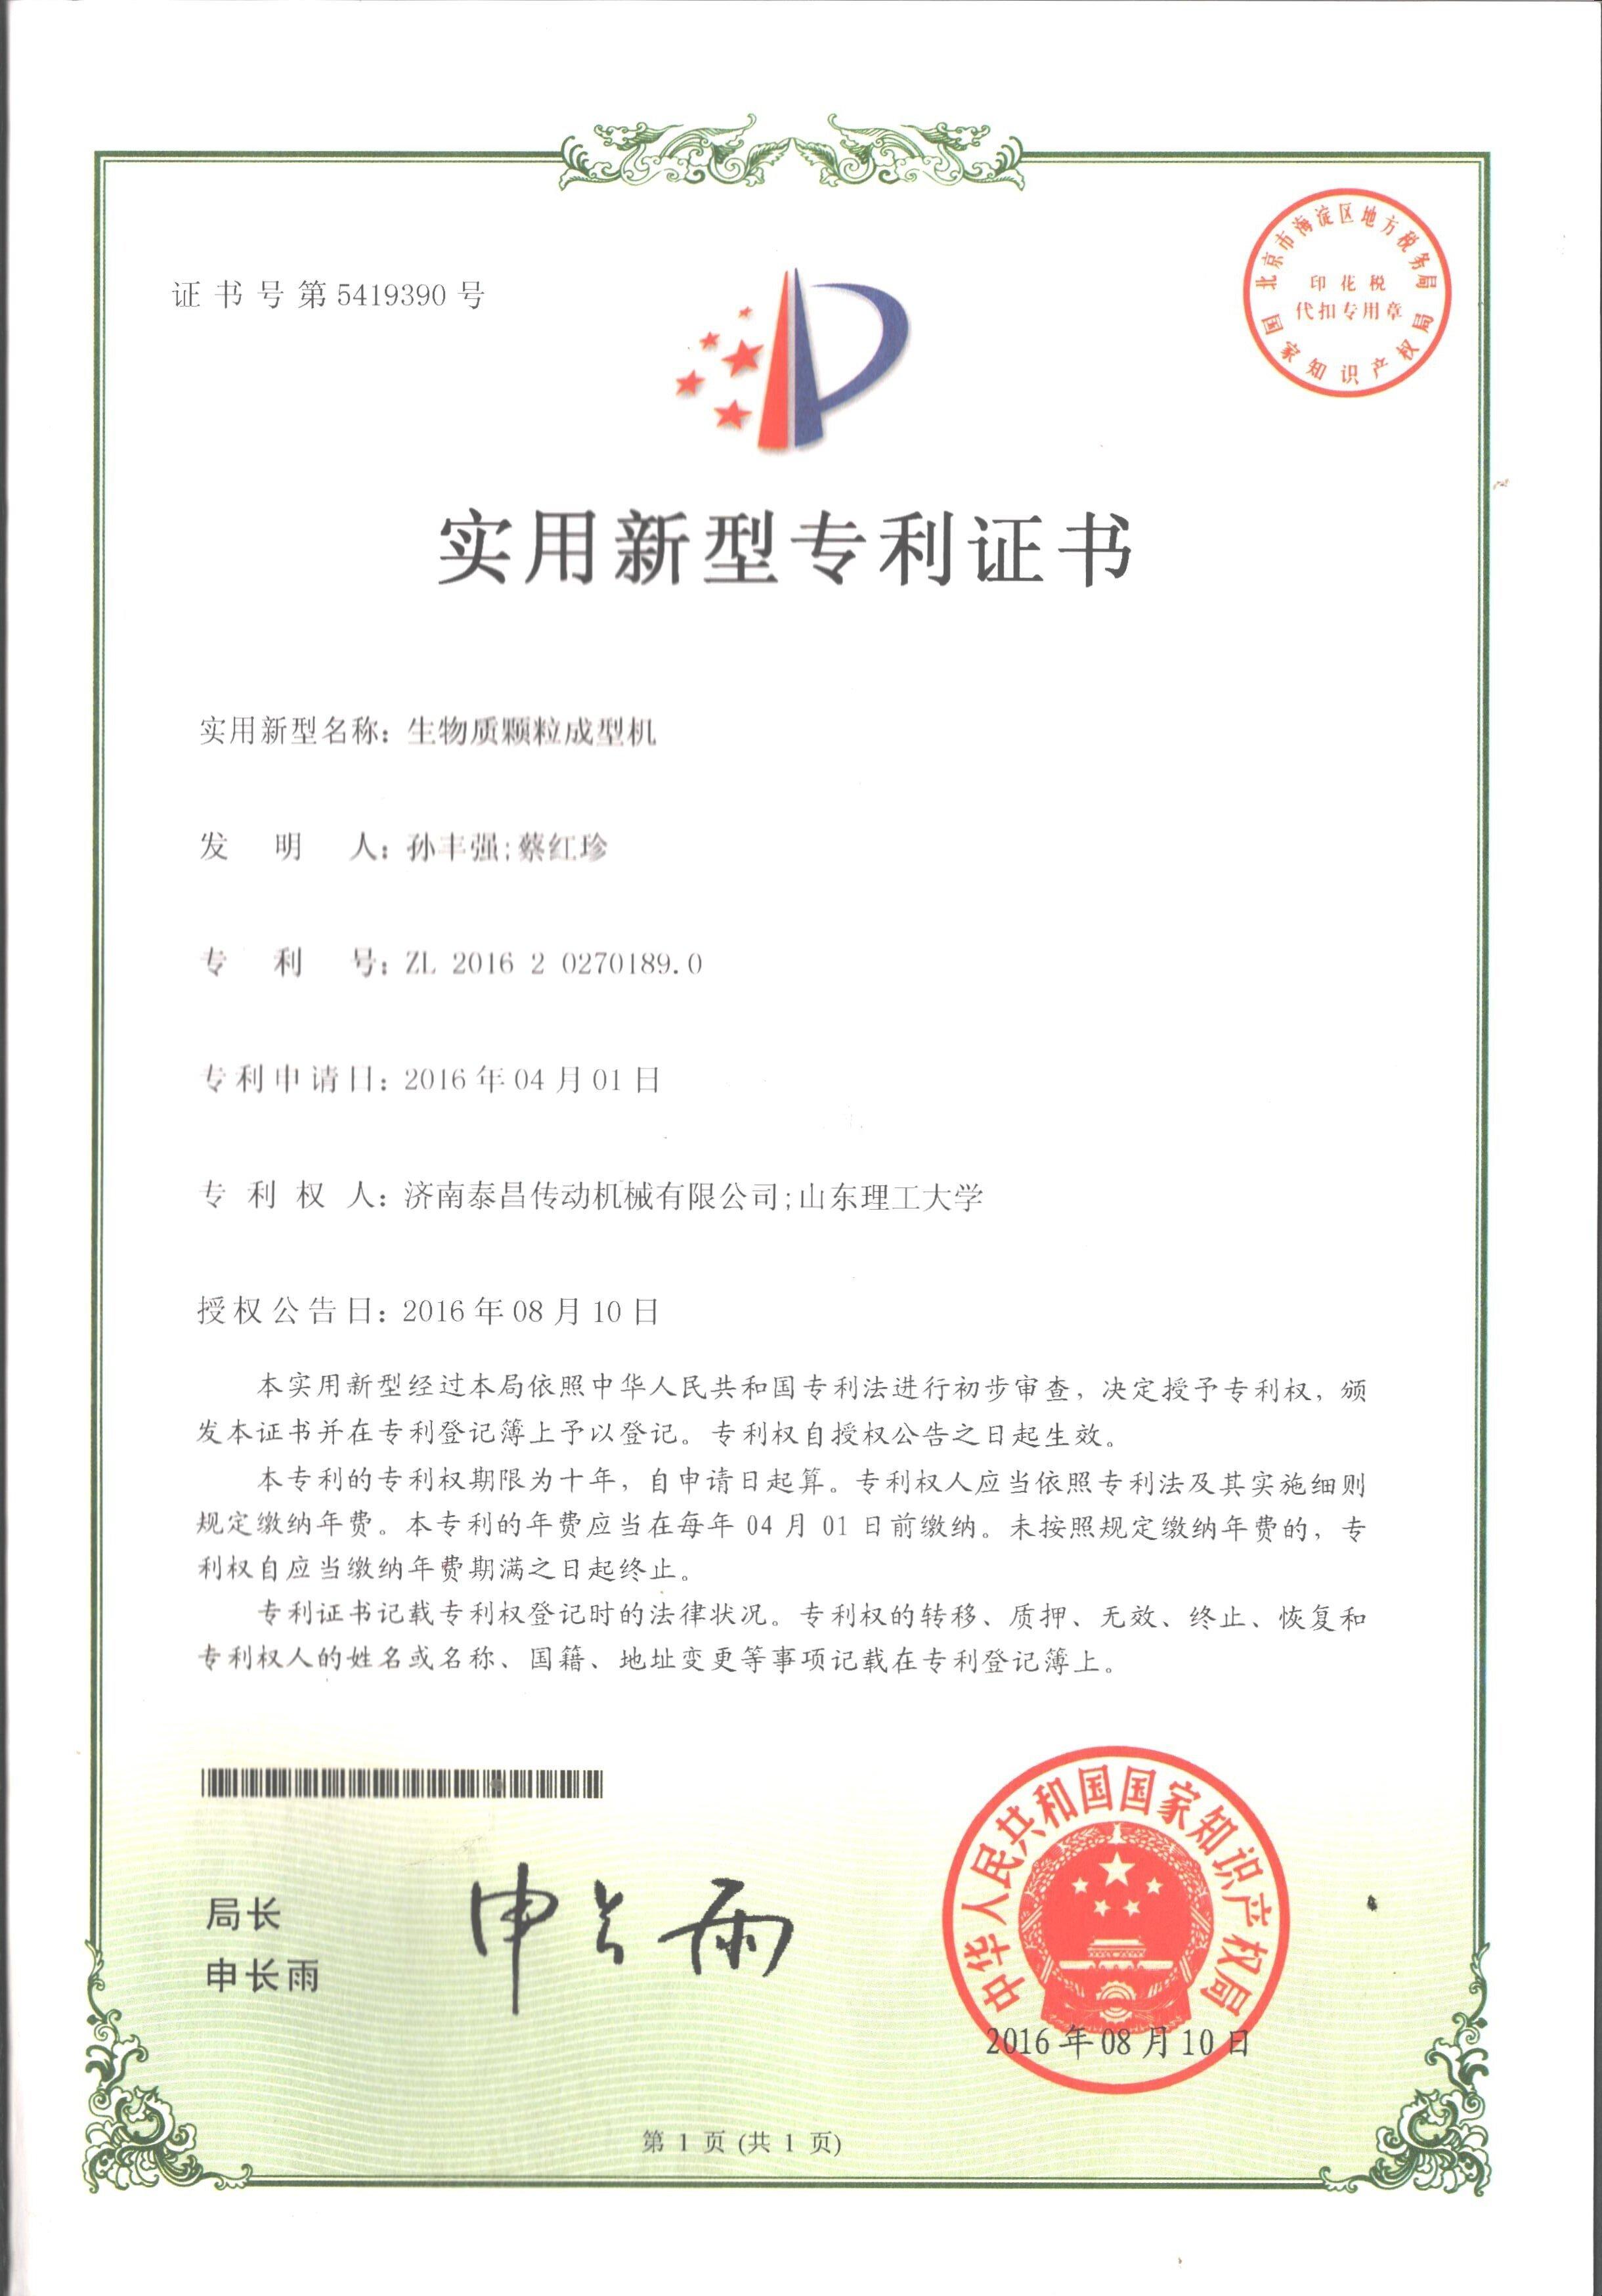 生物质颗粒成型机实用新型专利证书